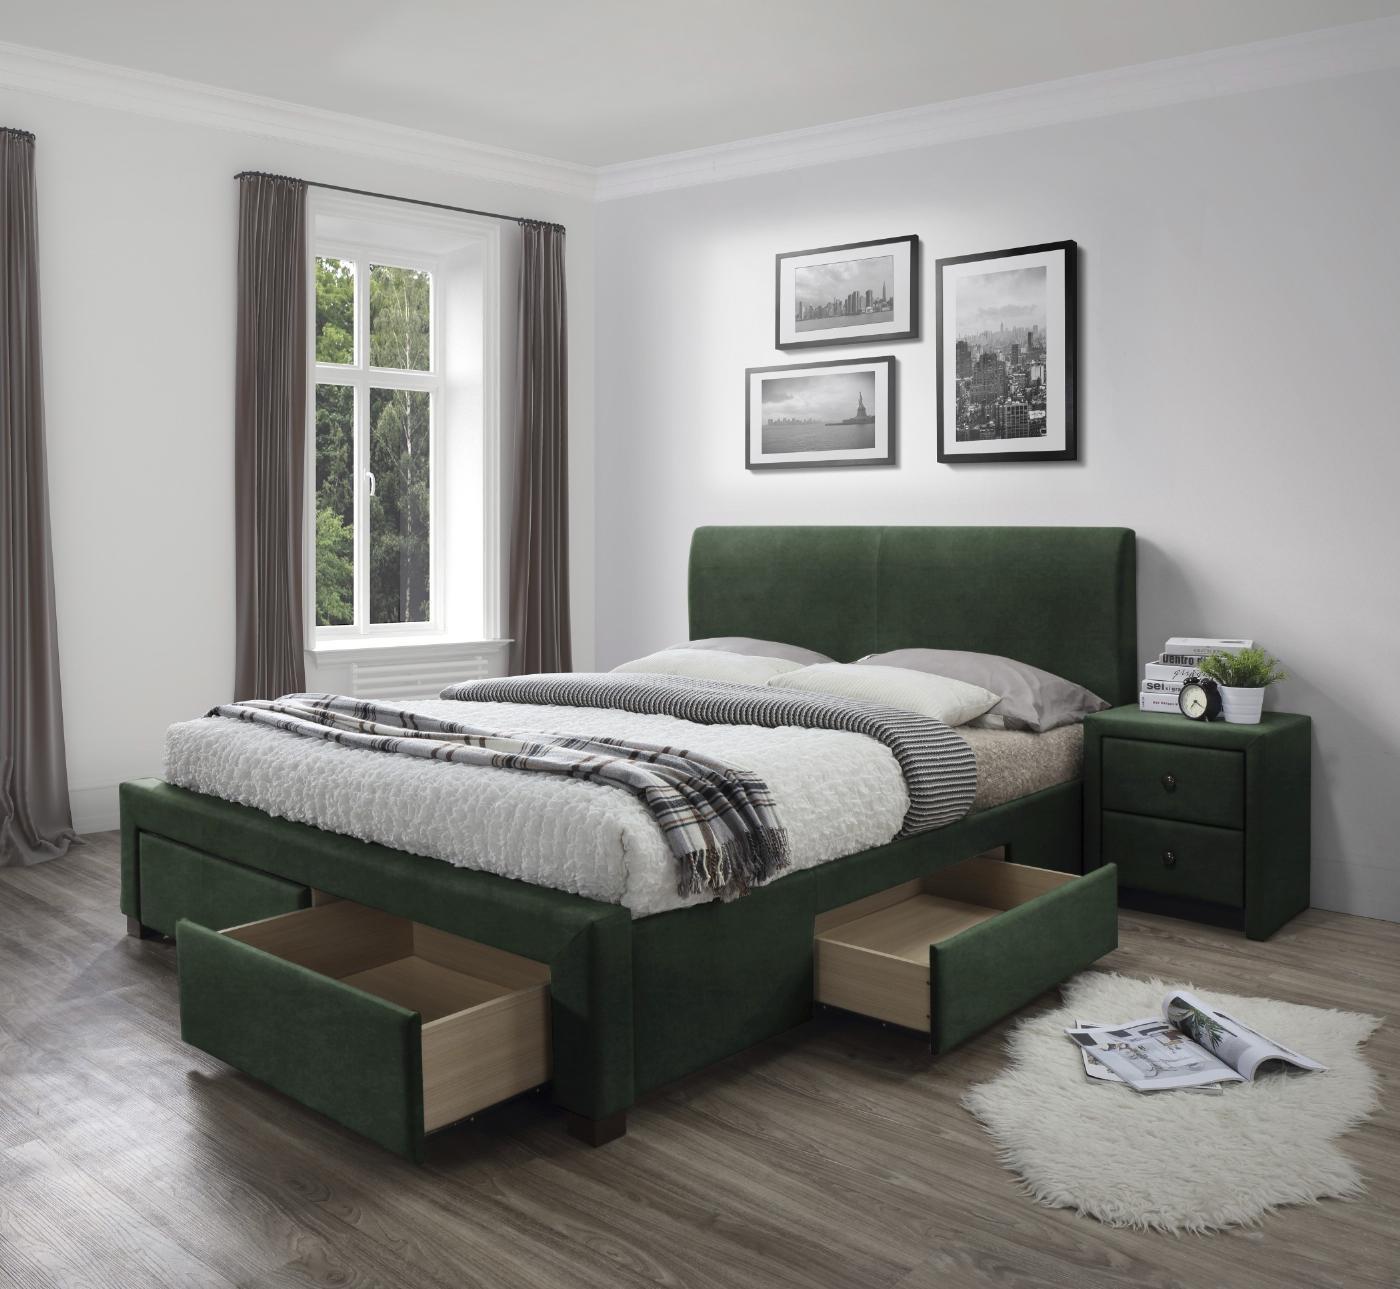 MODENA 3 łóżko z szufladami ciemny zielony velvet